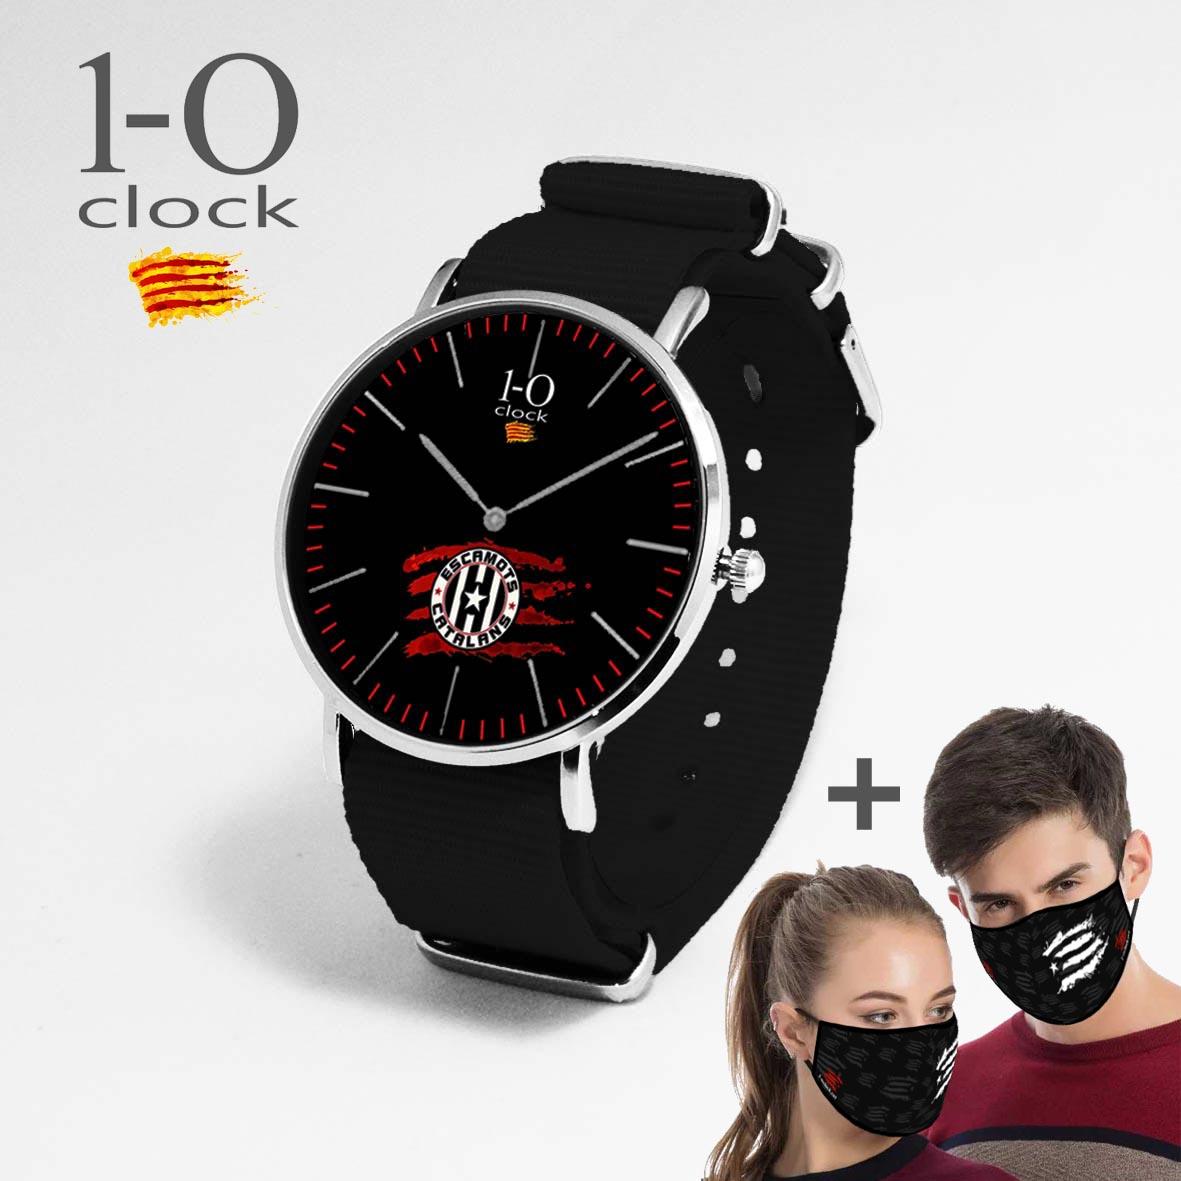 ECM NE 40 Rellotge + Mascareta